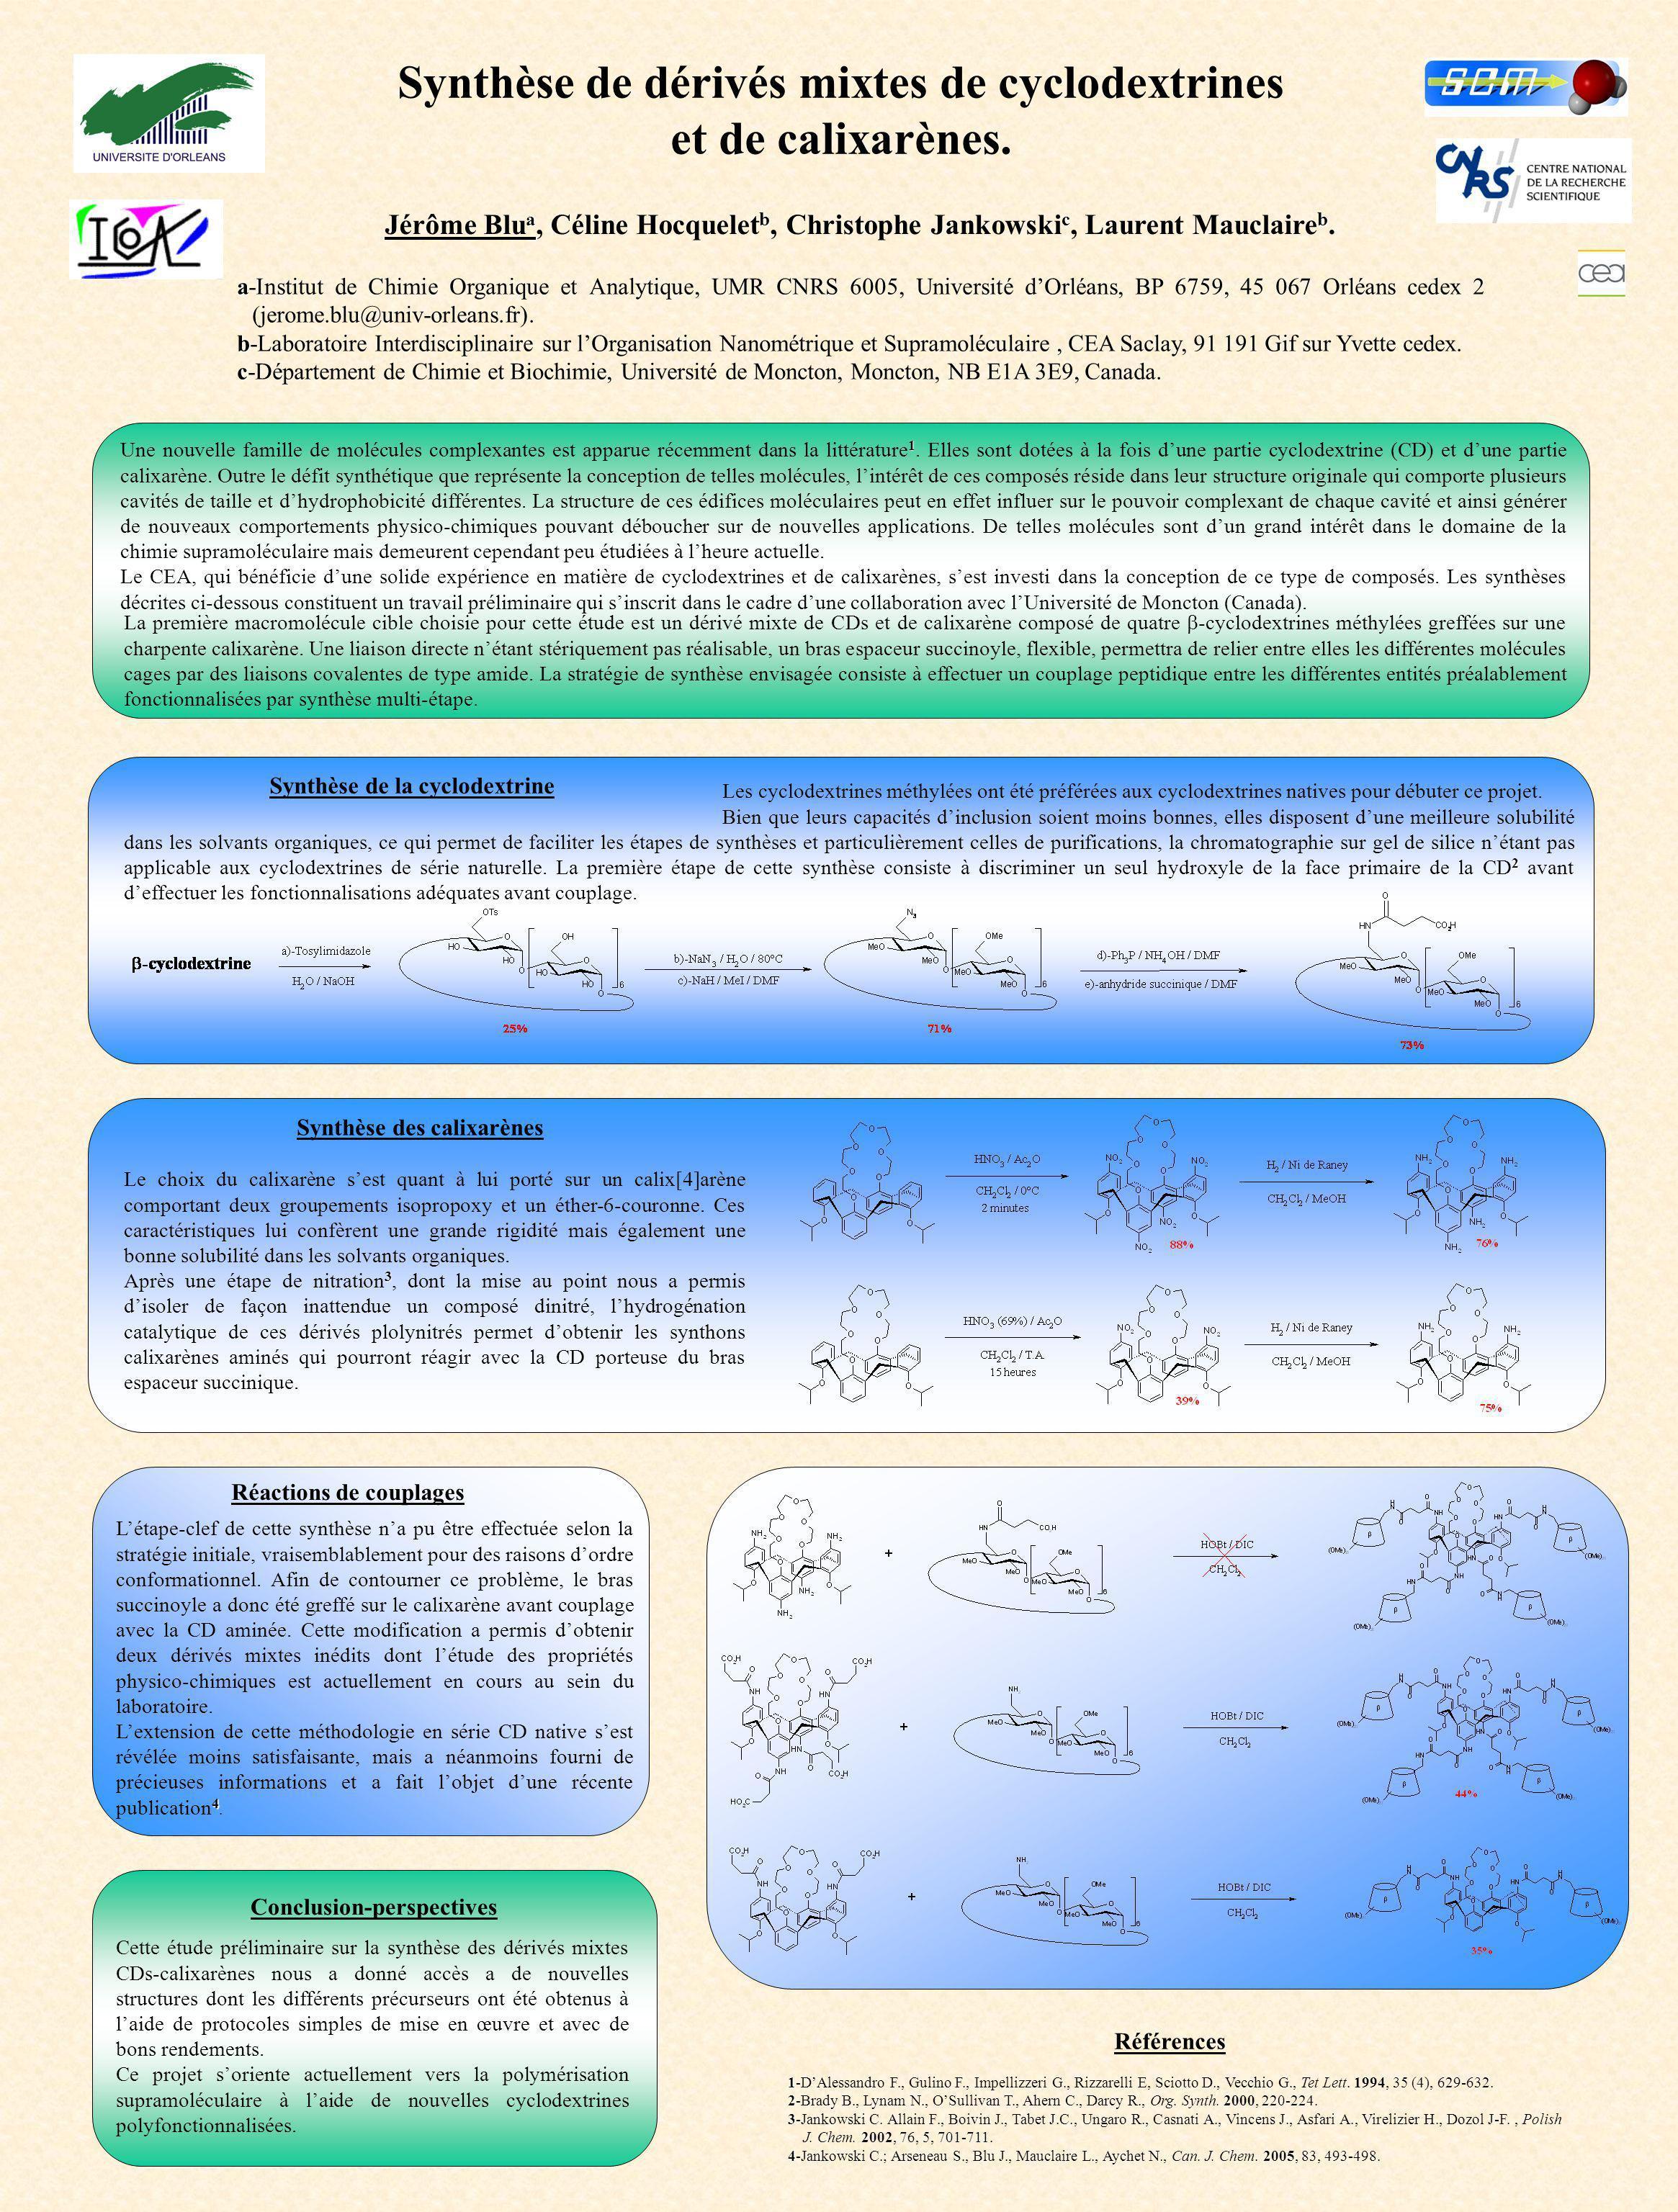 Synthèse de dérivés mixtes de cyclodextrines et de calixarènes.